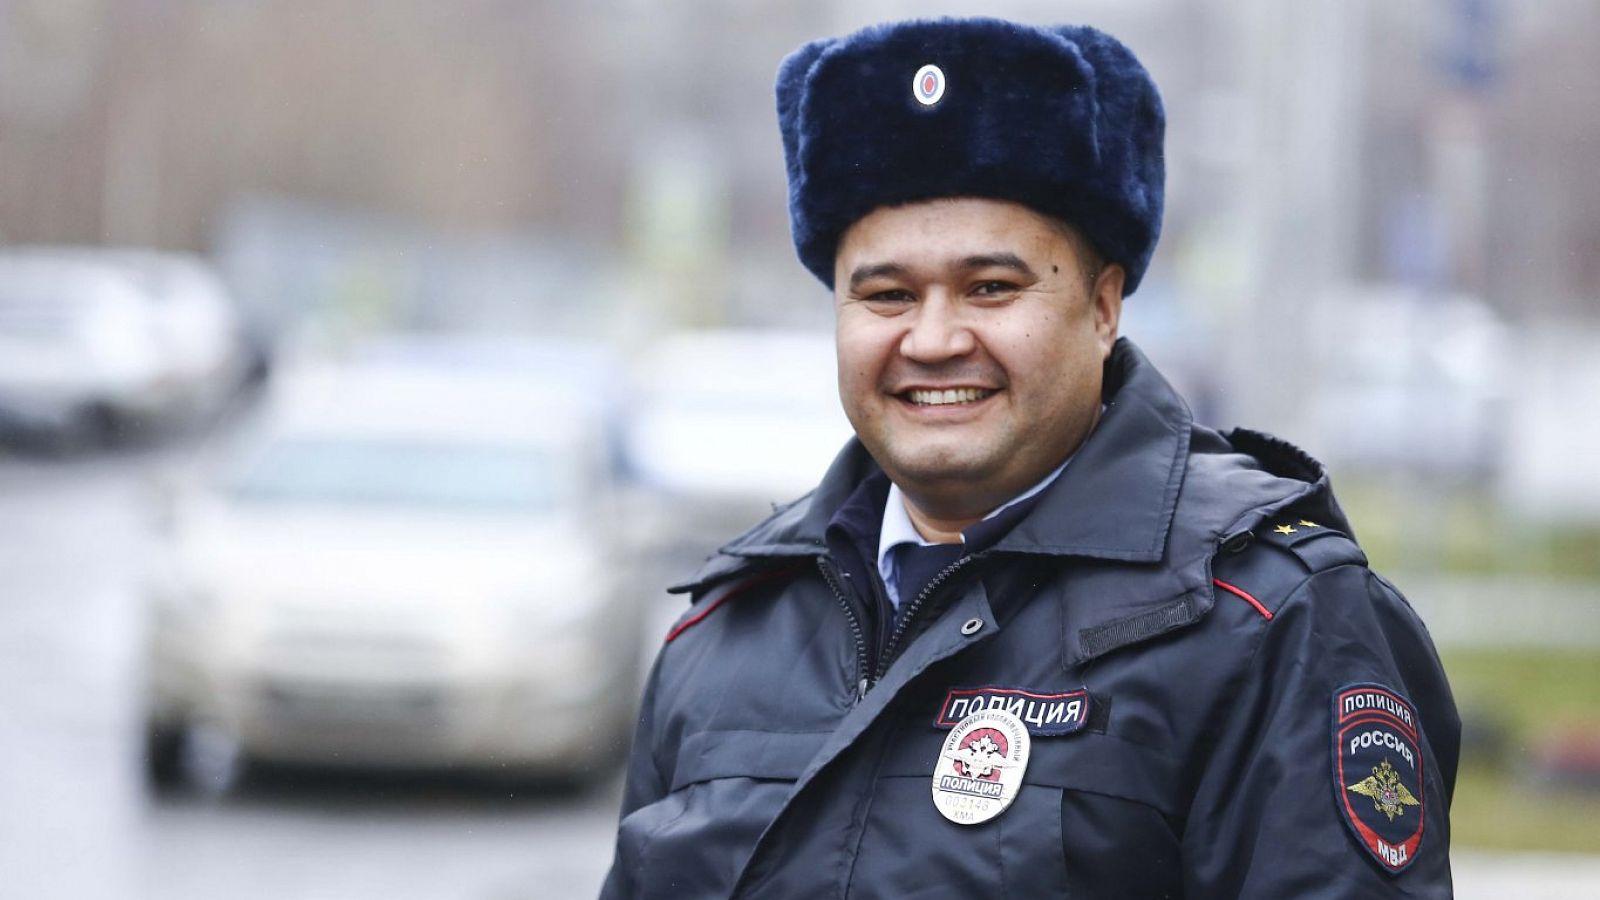 Работа в полиции для девушек в сургуте девушки в оаэ работа